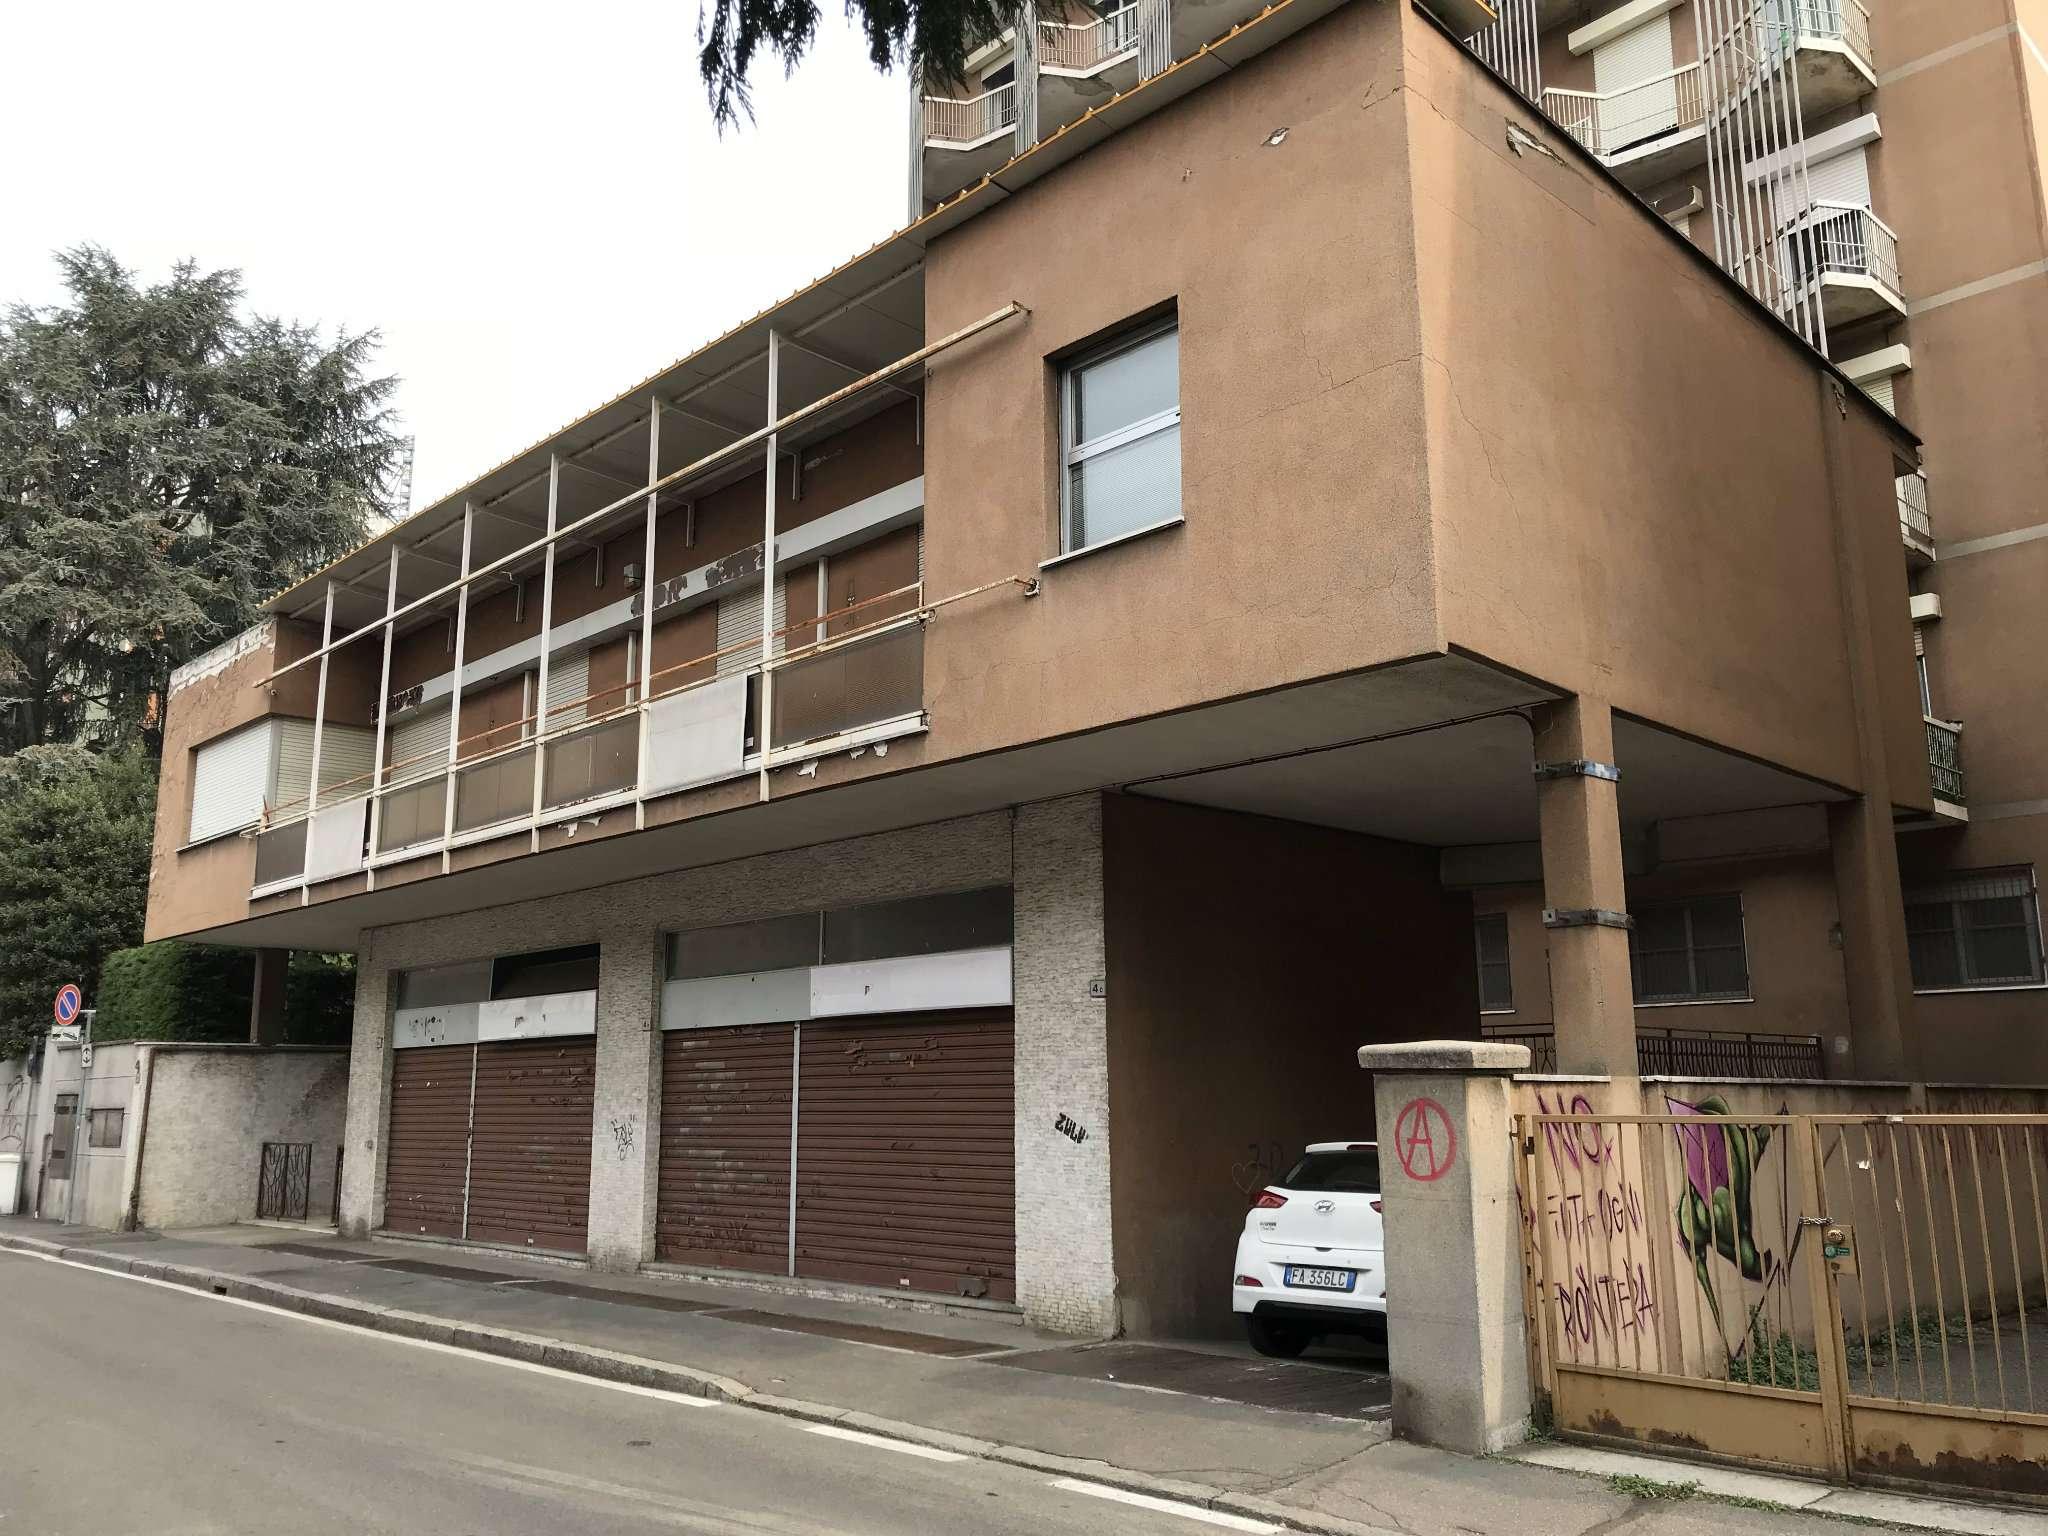 Altro in vendita a Saronno, 9 locali, prezzo € 360.000 | CambioCasa.it